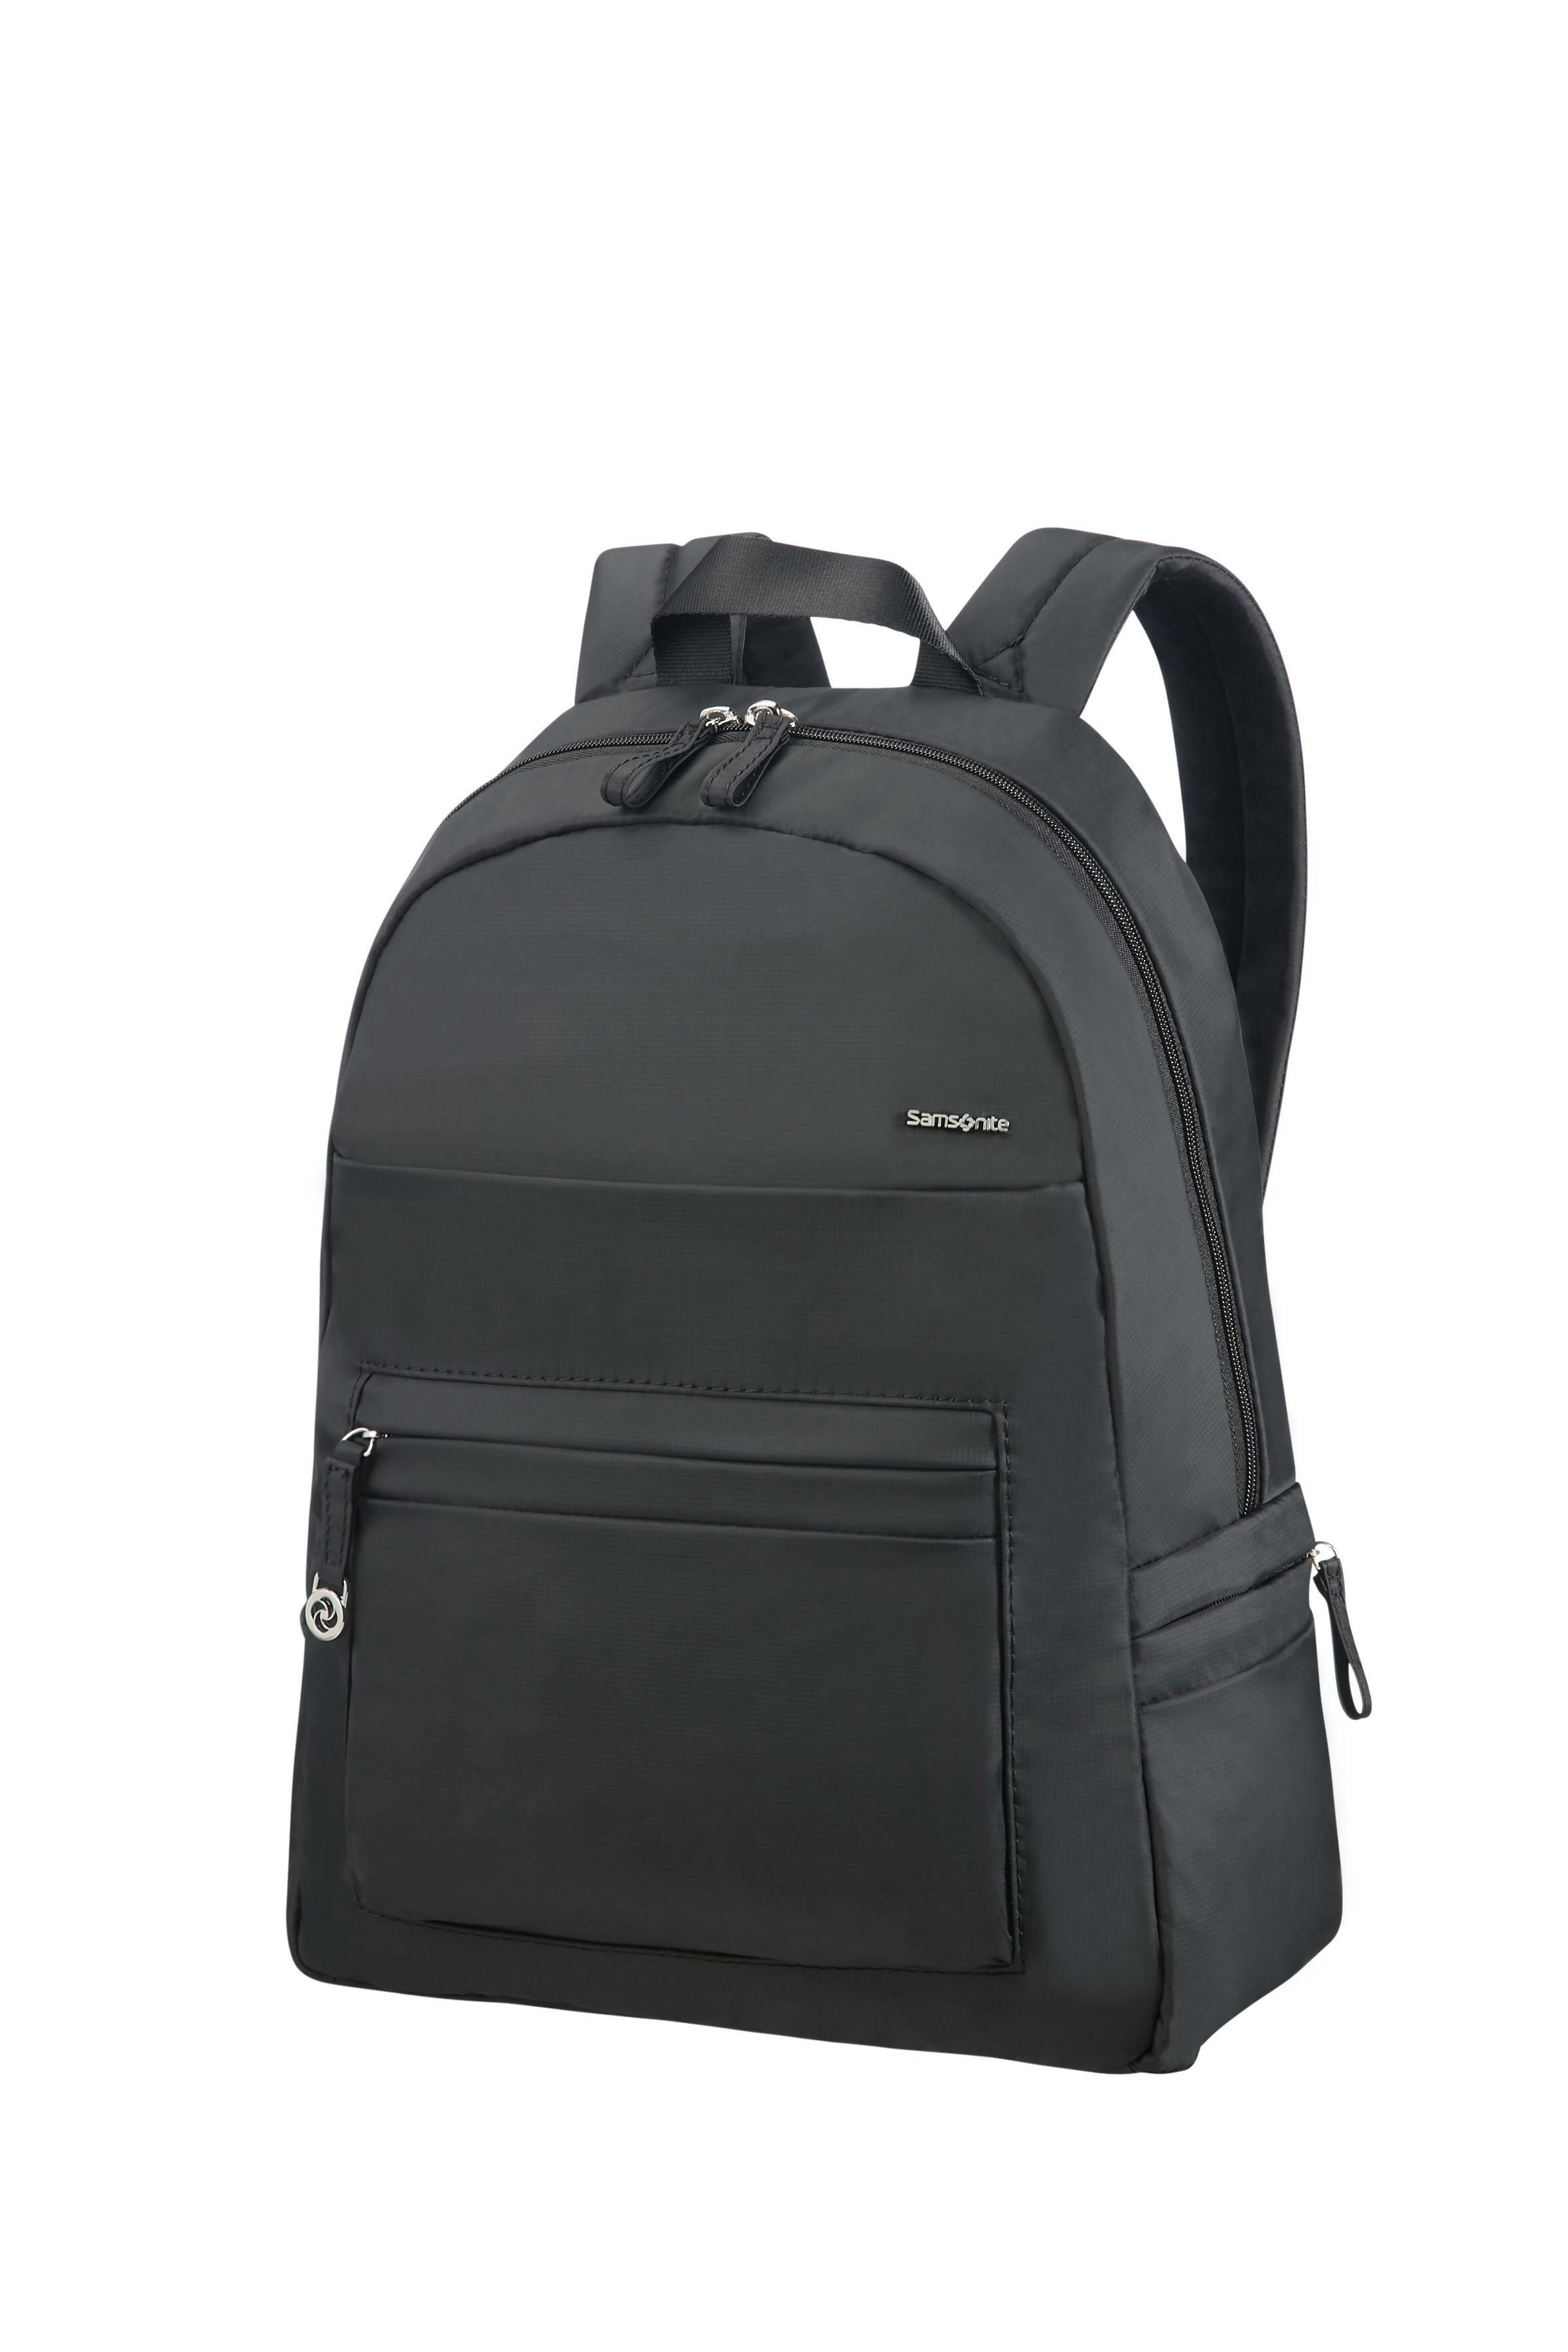 Рюкзак SAMSONITE MOVE 2.0 88D-09011 30x40.5x12 см